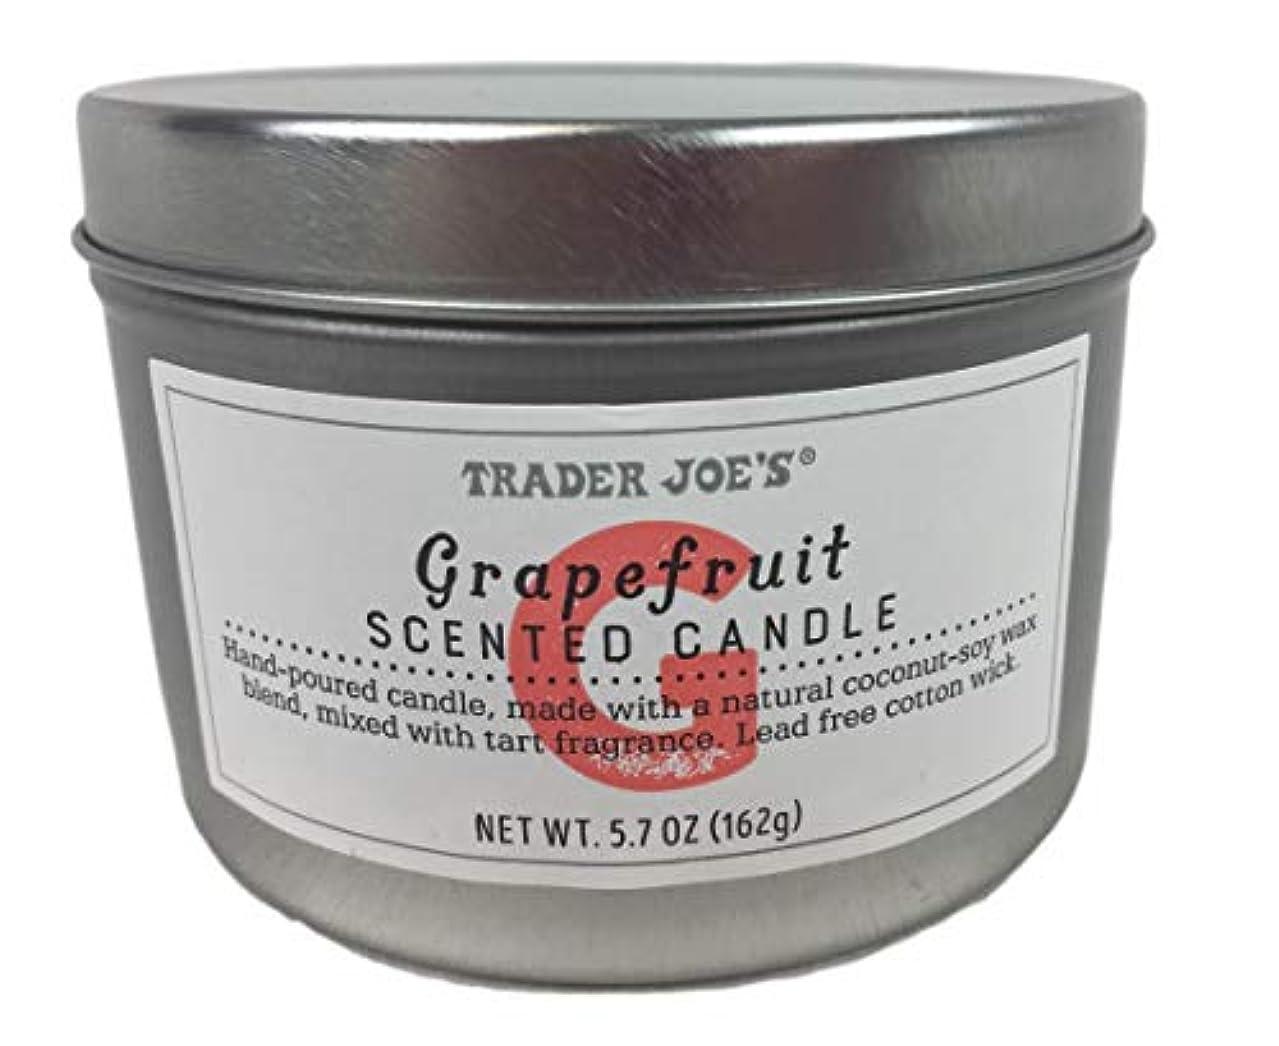 空虚粒子一瞬Trader Joe's Grapefruit Scented Candle NET WT 170ml (162g)